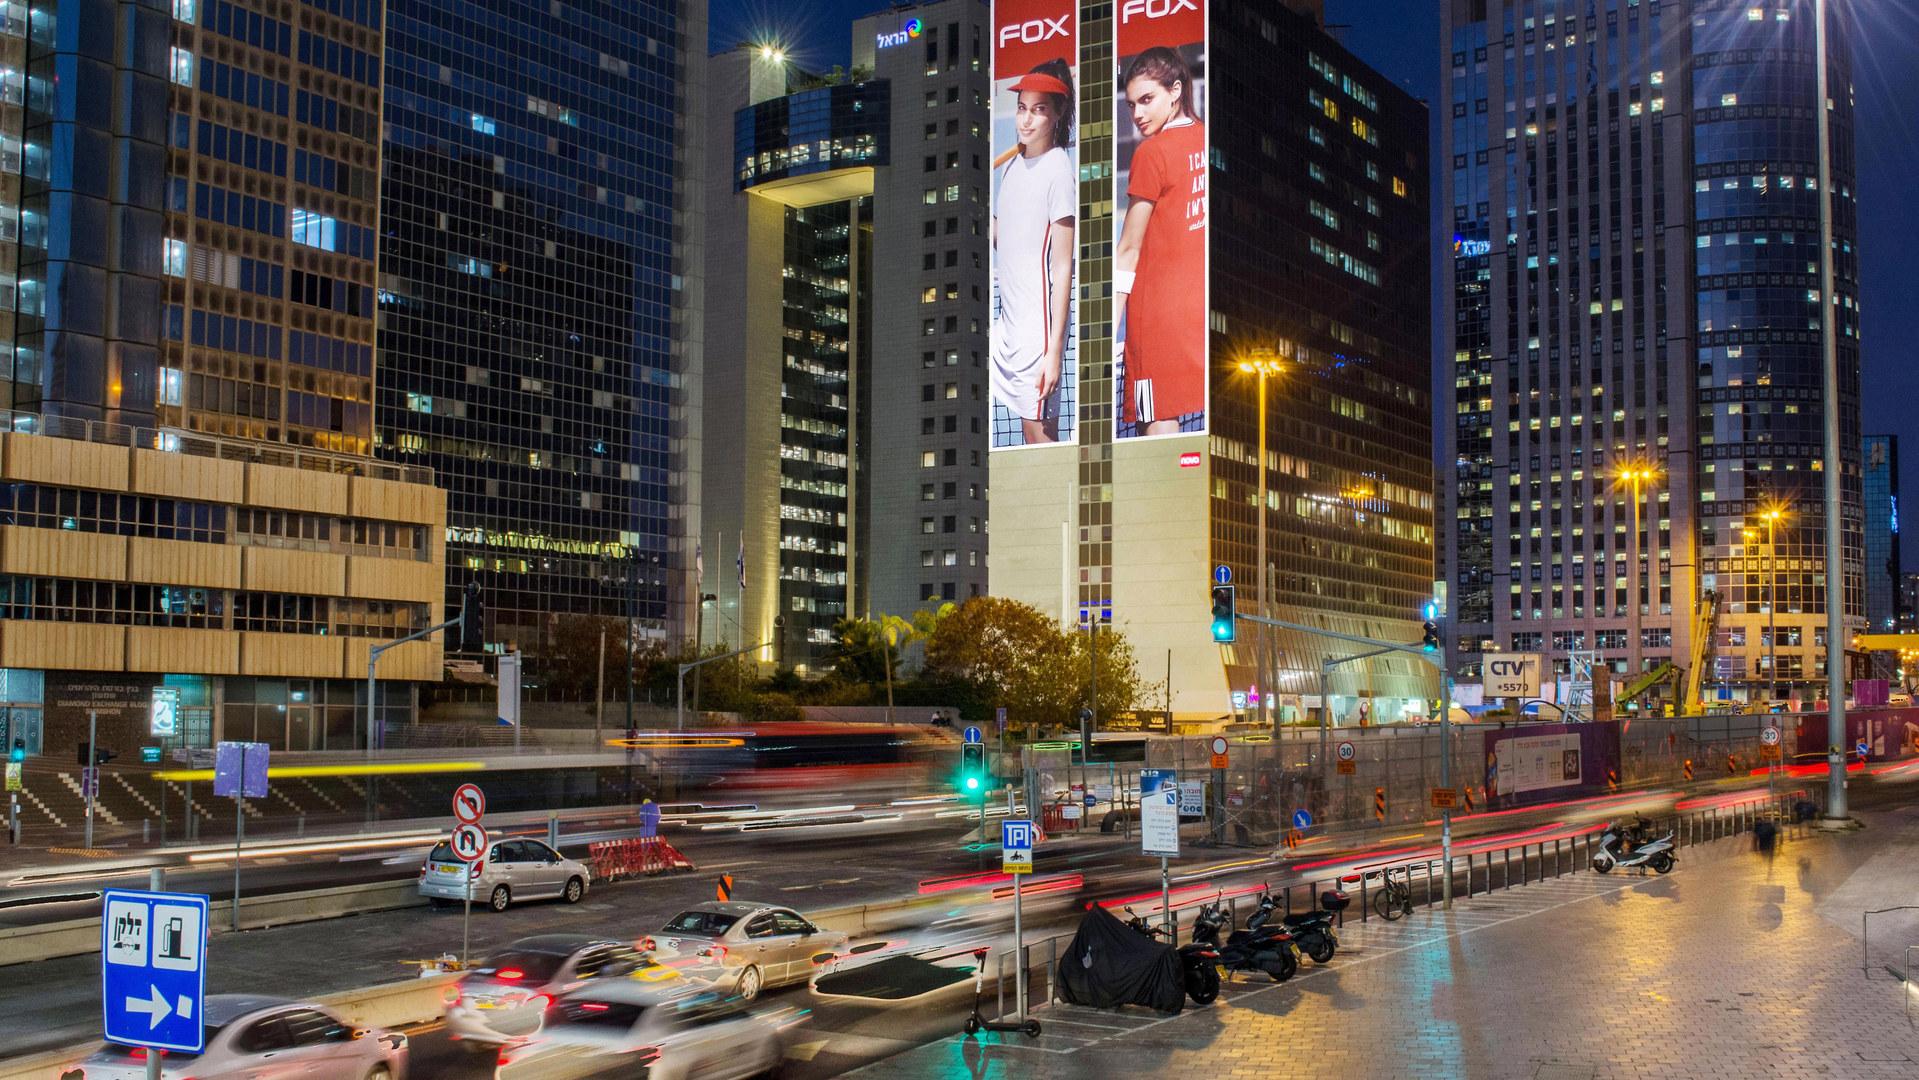 קיר הבורסה - פרסום חוצות רמת גן